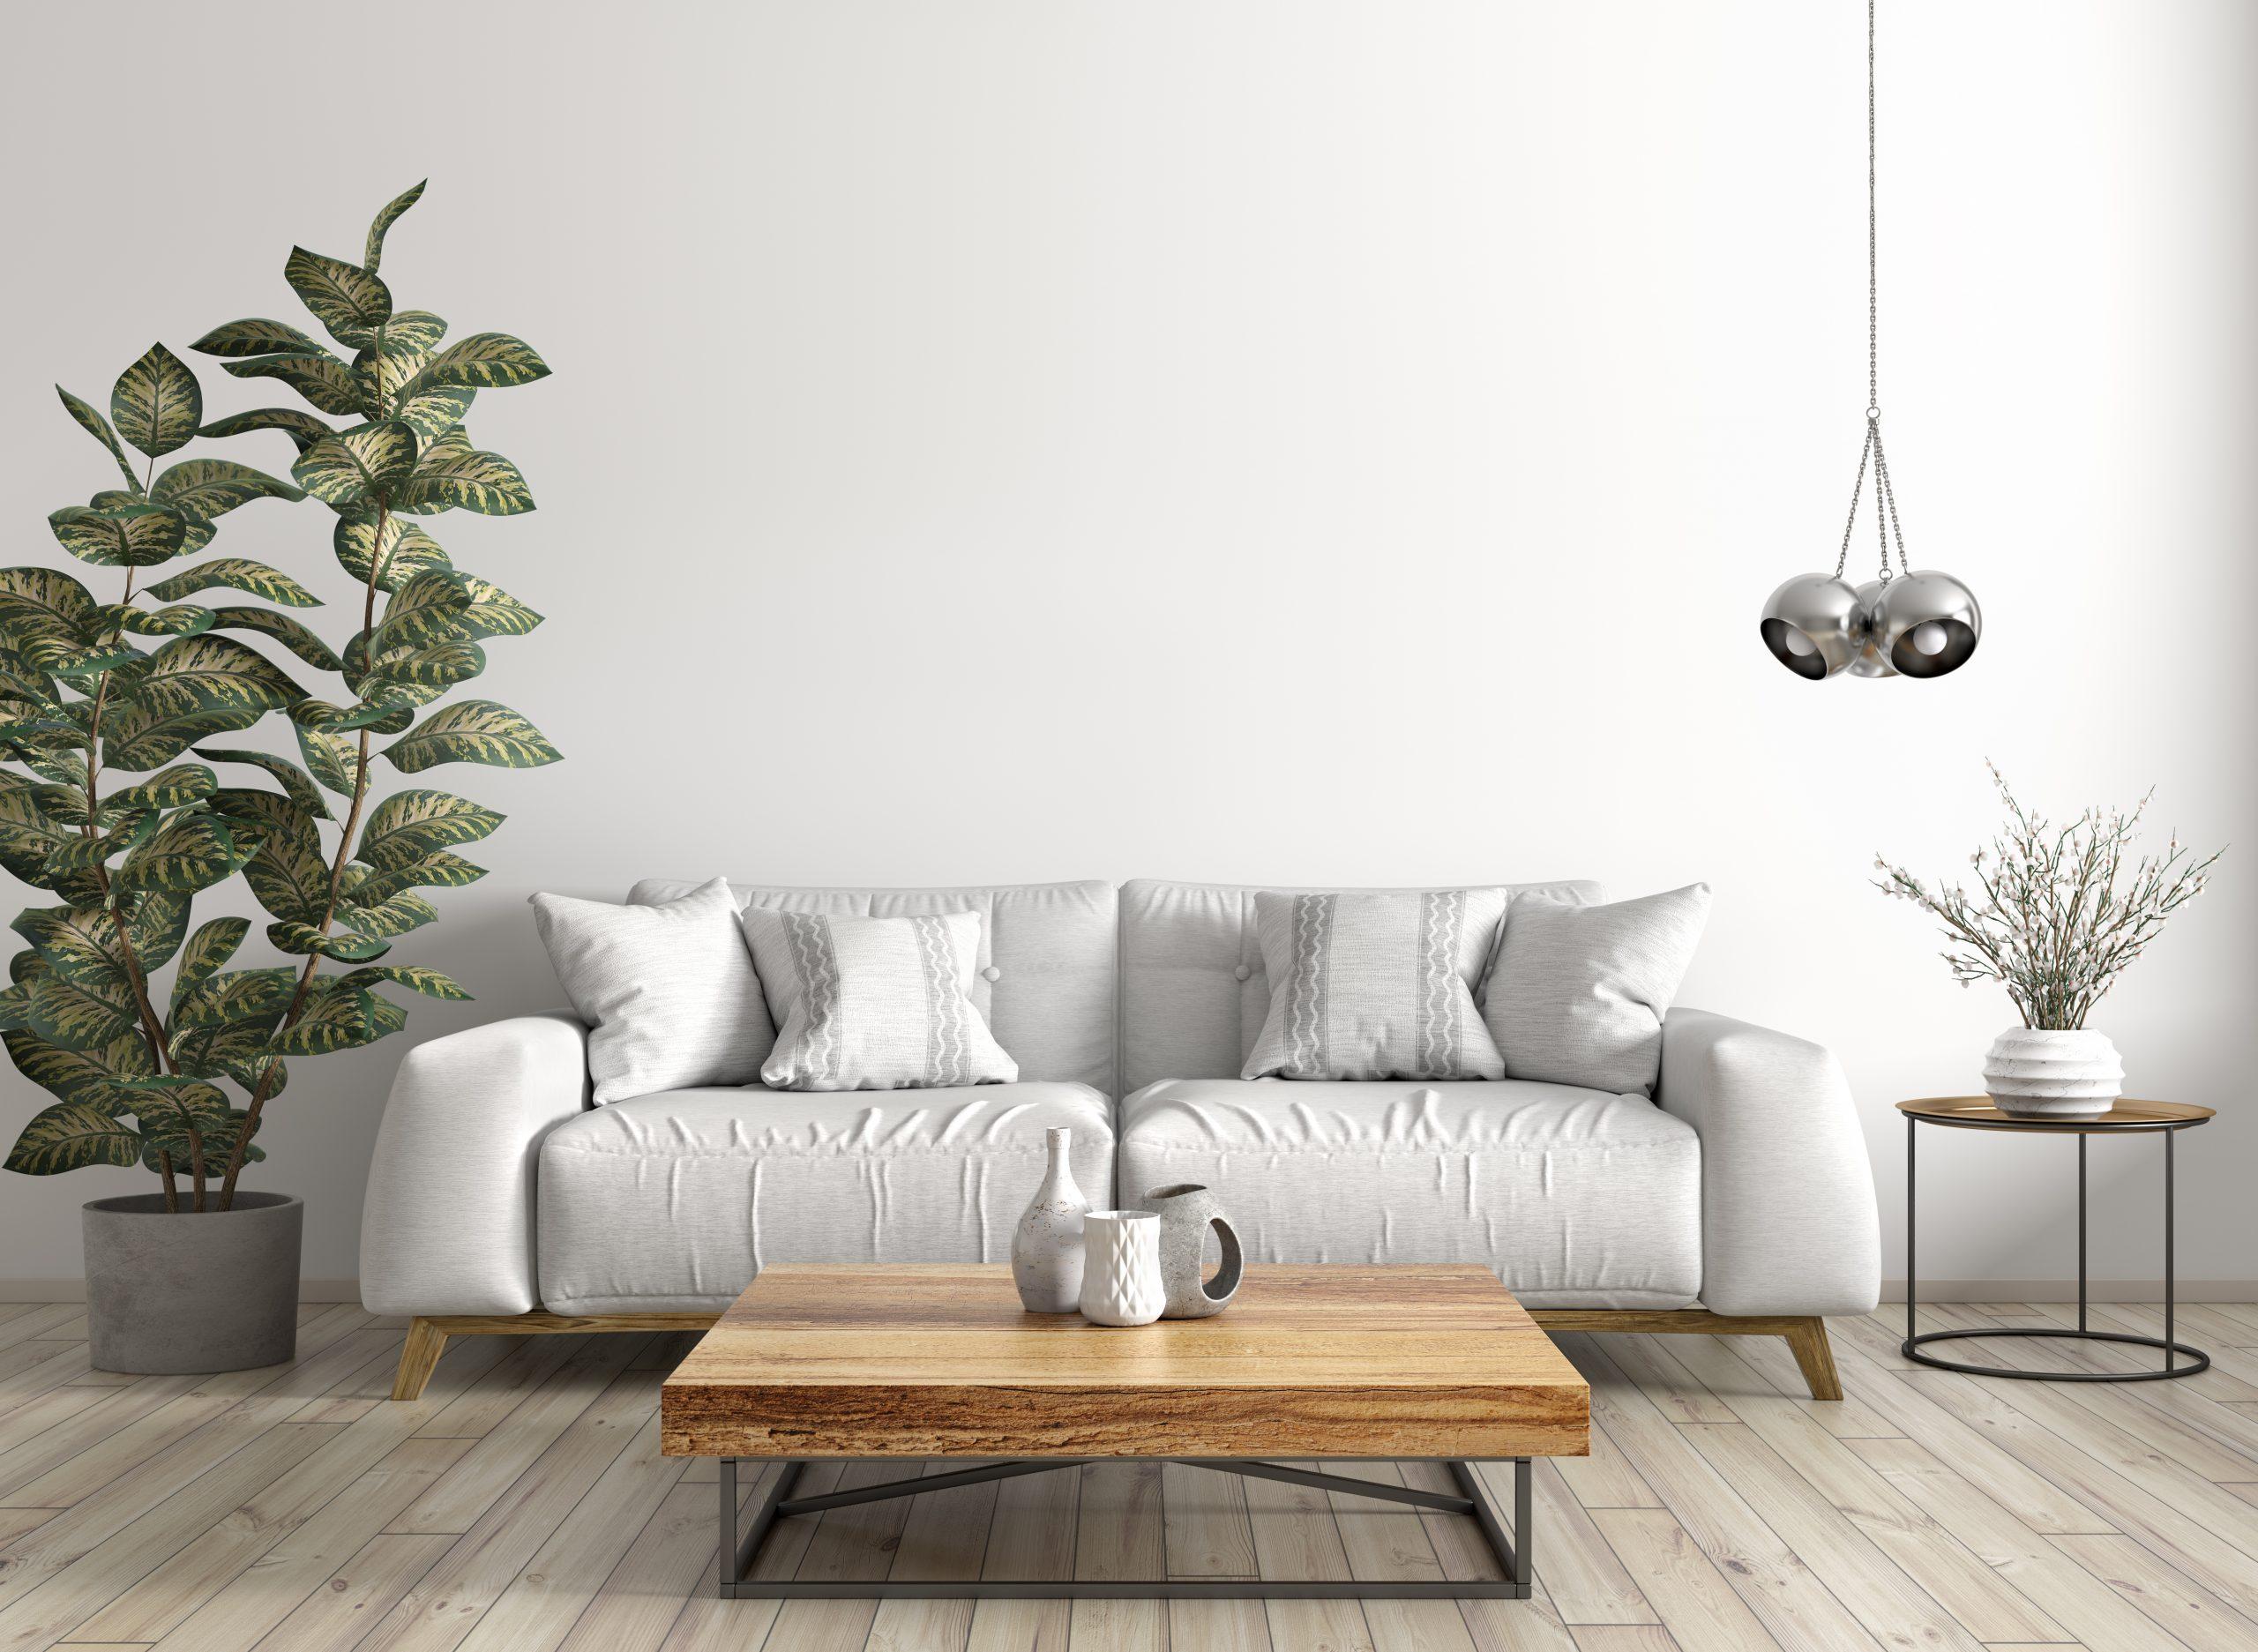 Kvadratiske sofaborde i træ